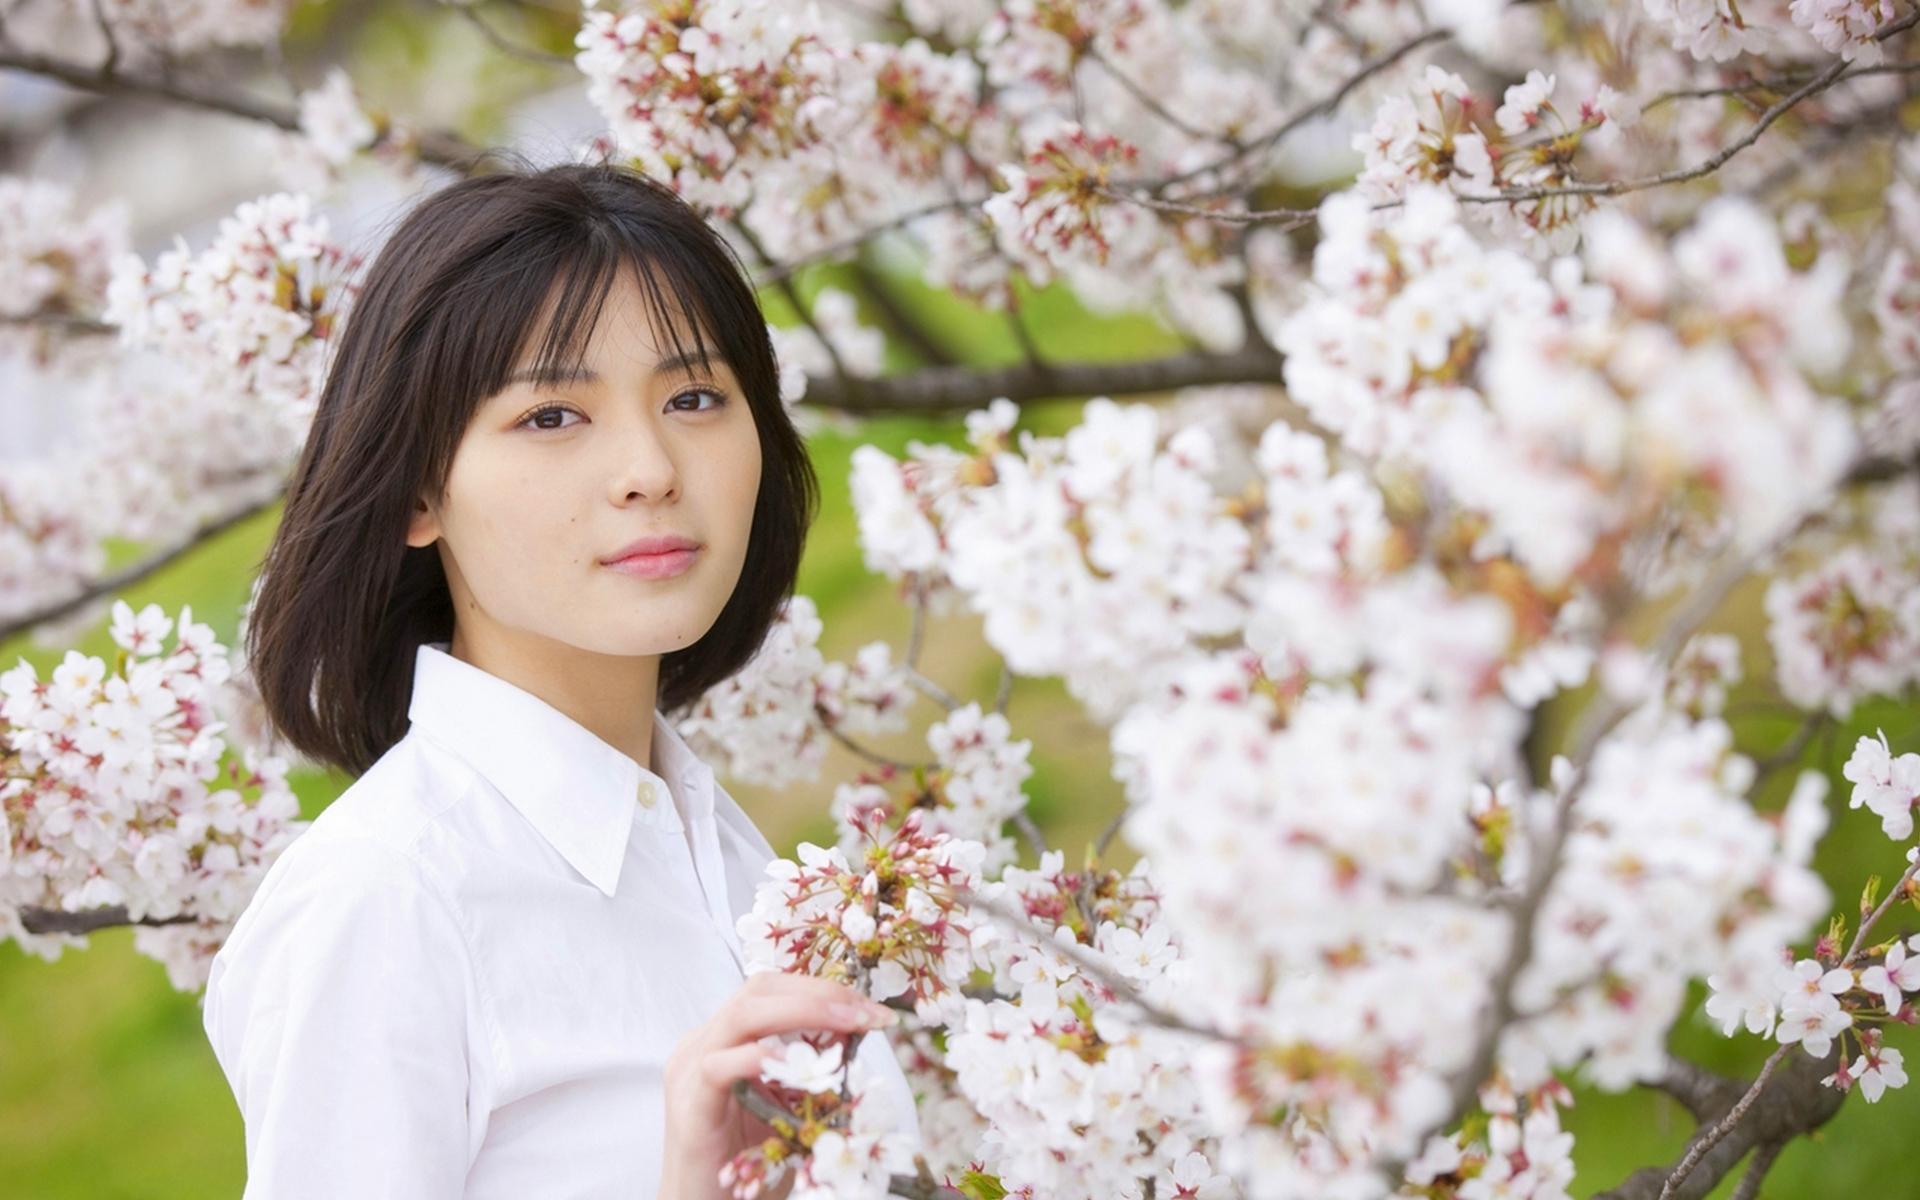 制服コレクション 青系のCHECKのスカート 土手 桜の木 矢島舞美 2